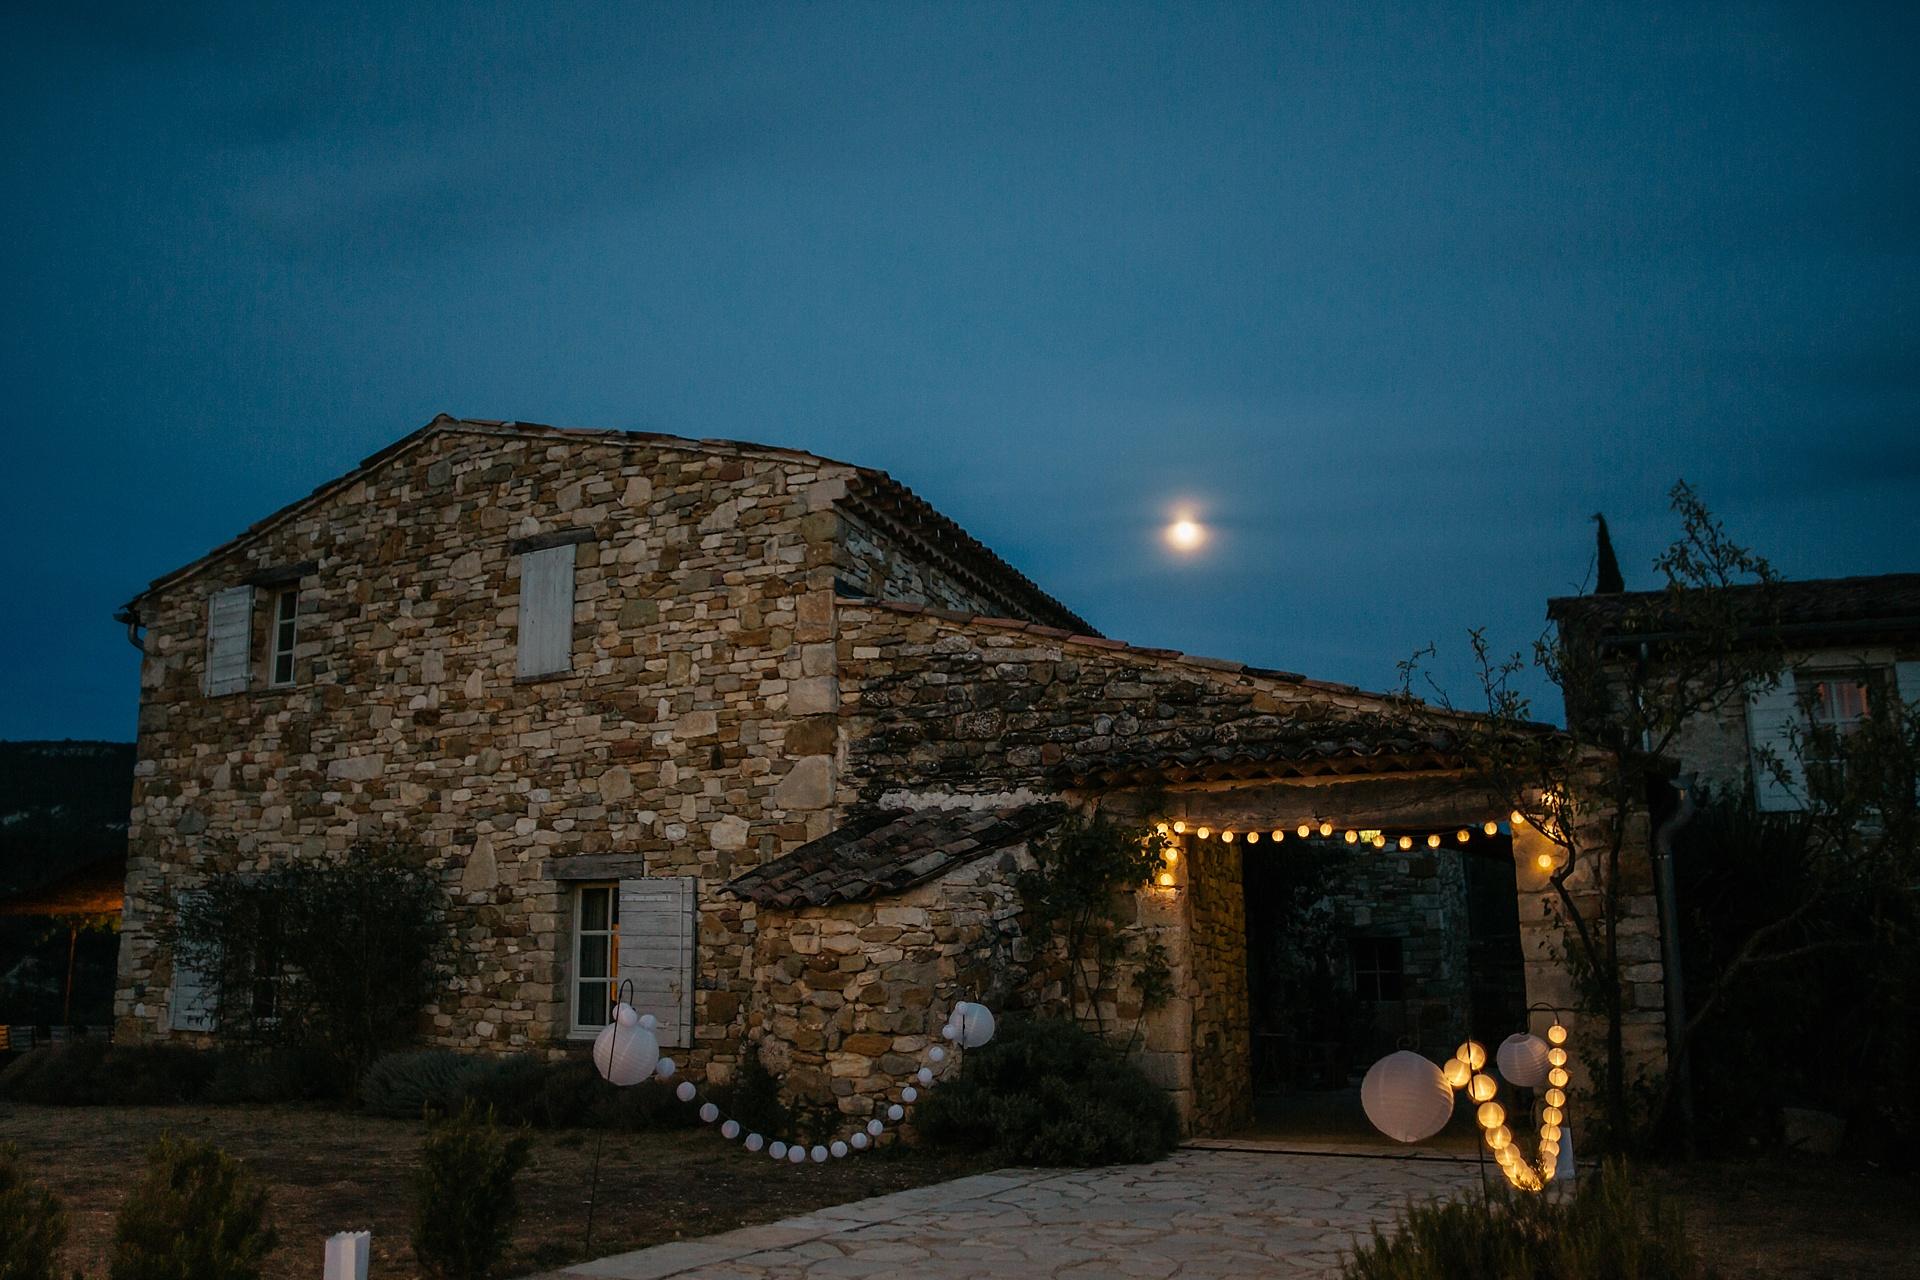 Traumhafte Hochzeit in der Provence. Der Mond erscheint am Abendhimmel. Hameau de Cournille.